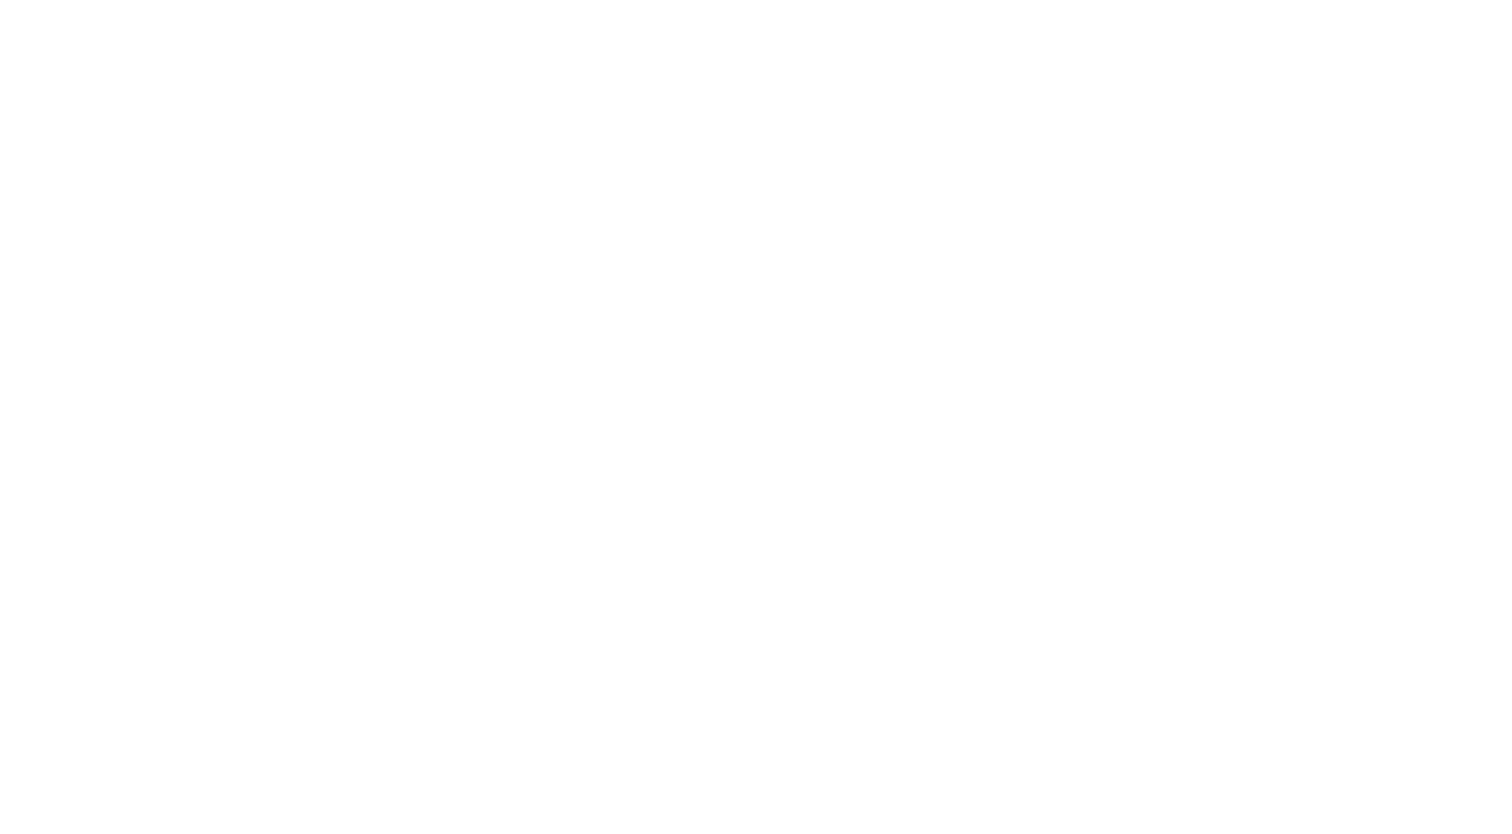 Swarna Pragati